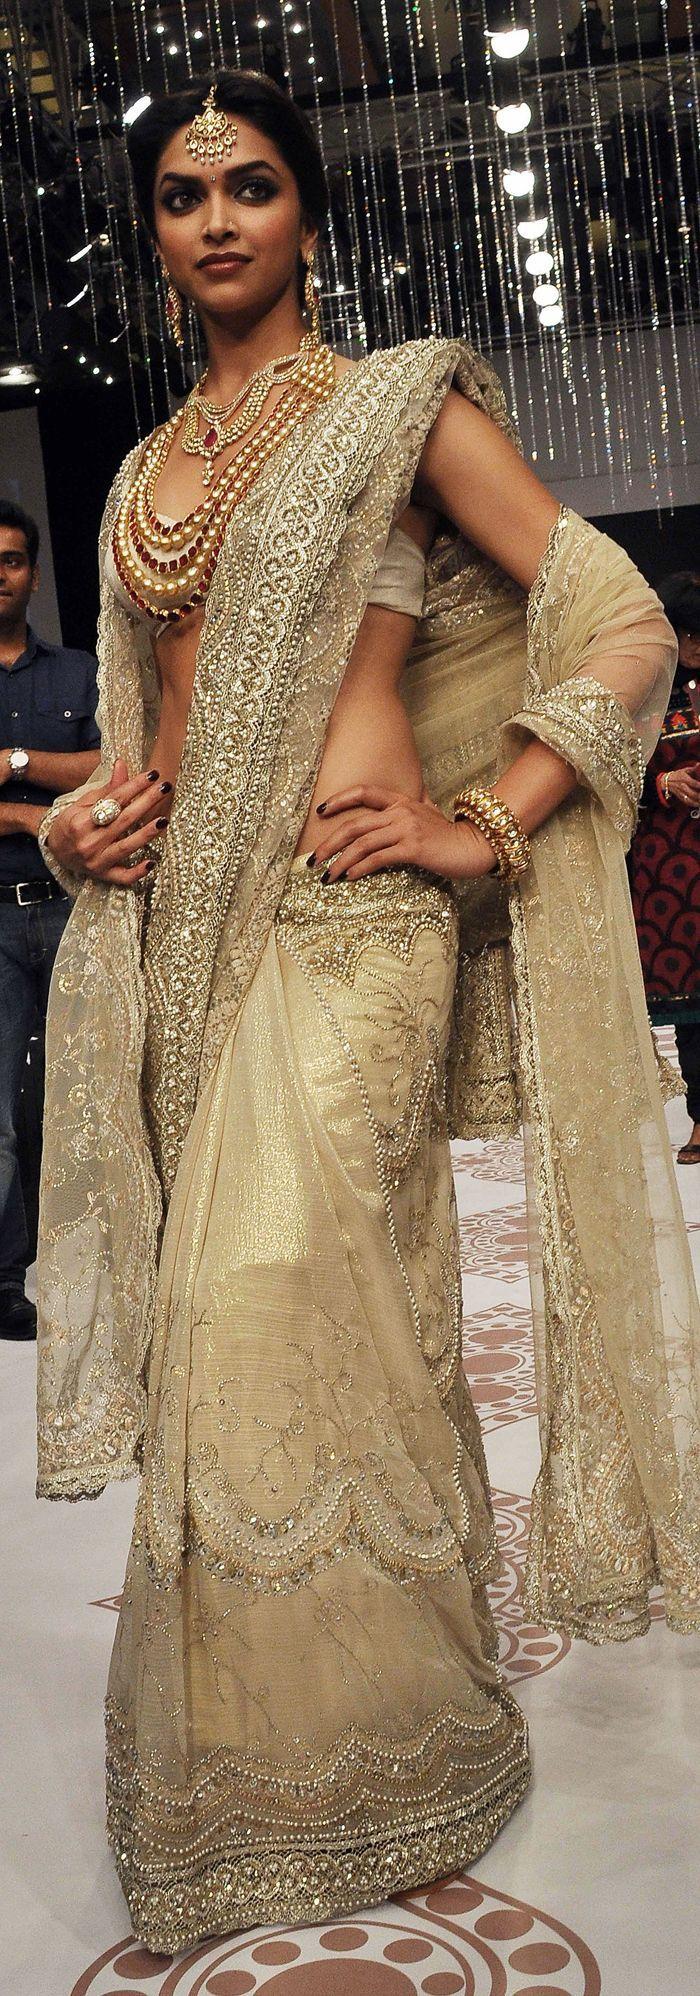 Deepika padukone bollywood actress in a saree jewelry